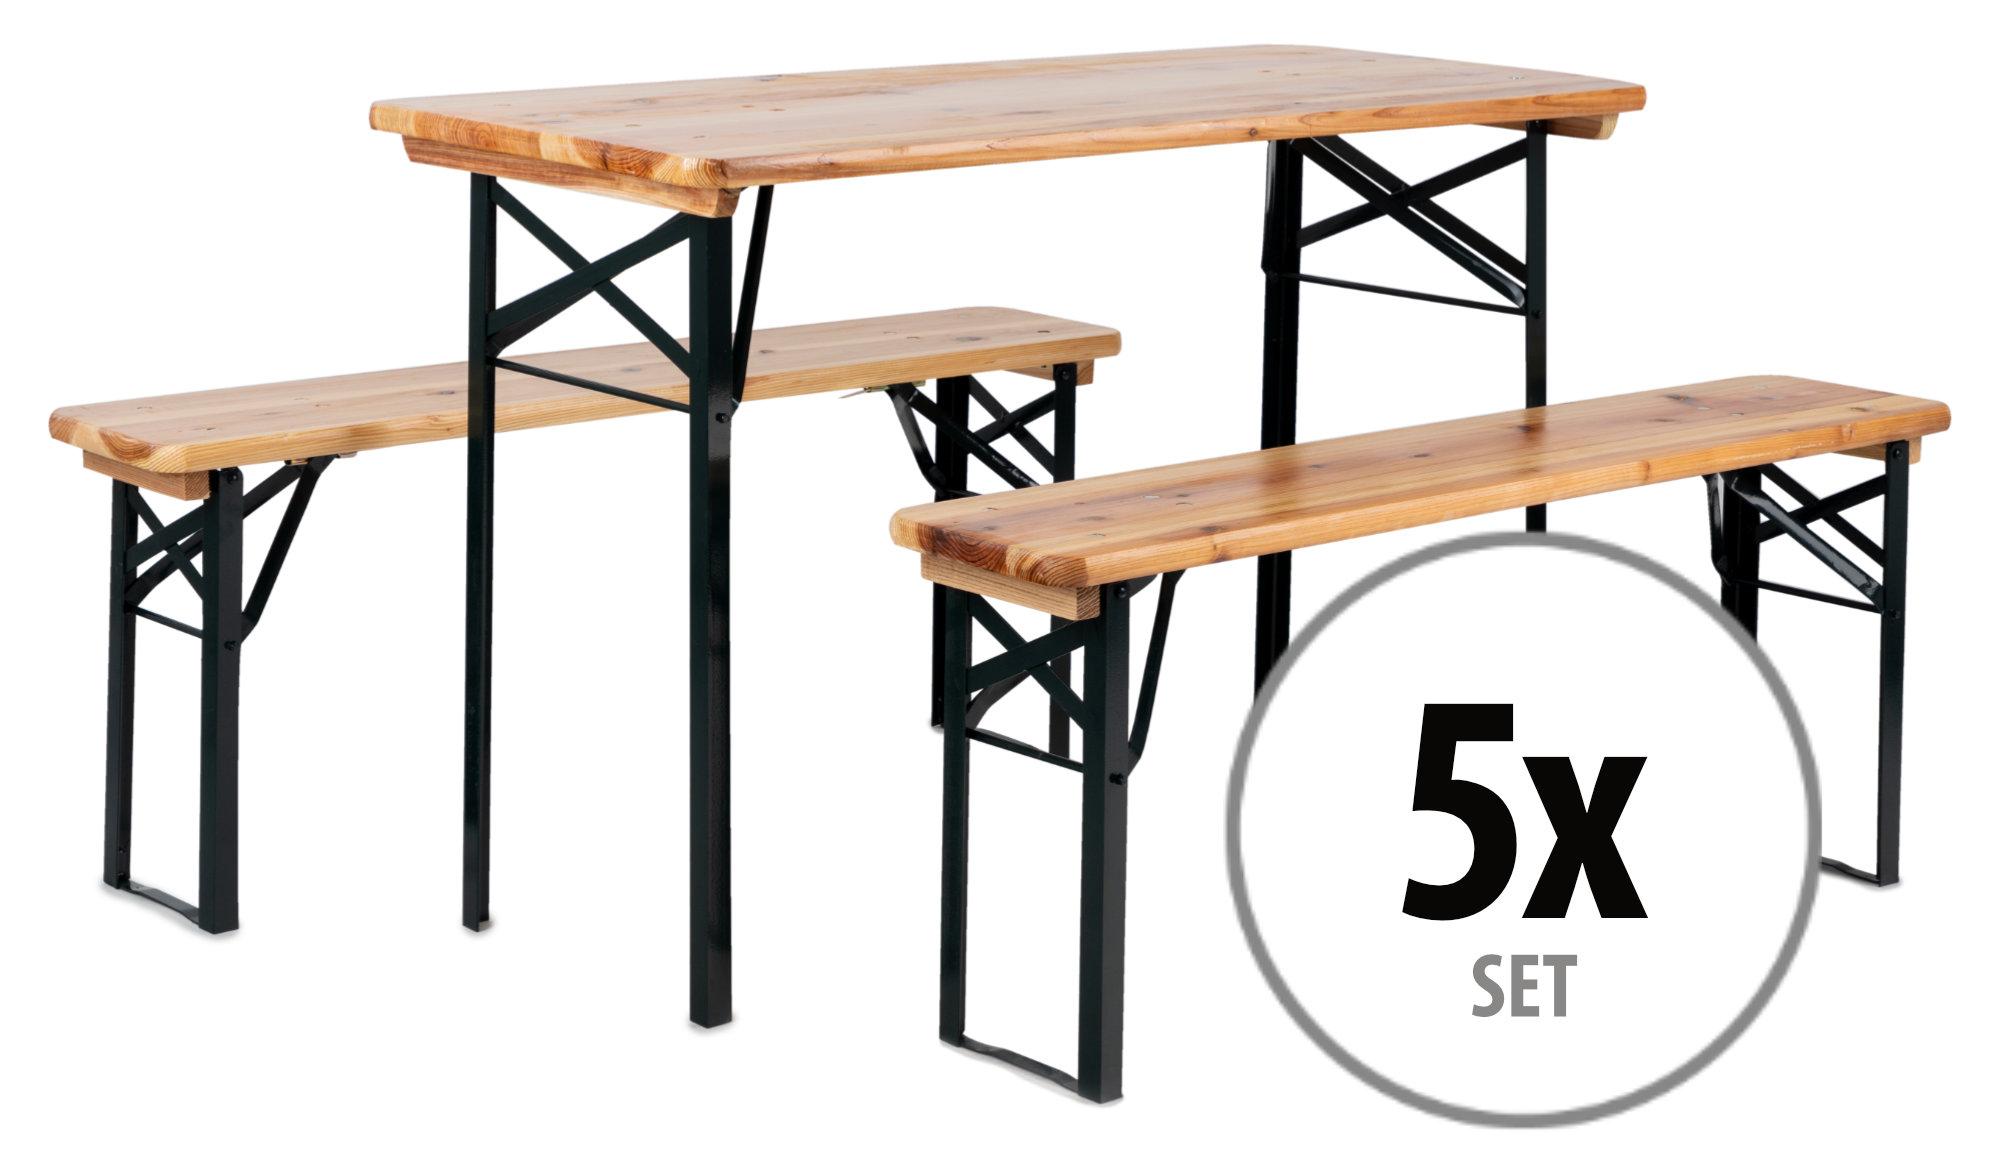 Panche E Tavoli Da Birreria.5x Set Stagecaptain Hirschgarten Panche E Tavolo Da Birreria Per Balcone 117 Cm